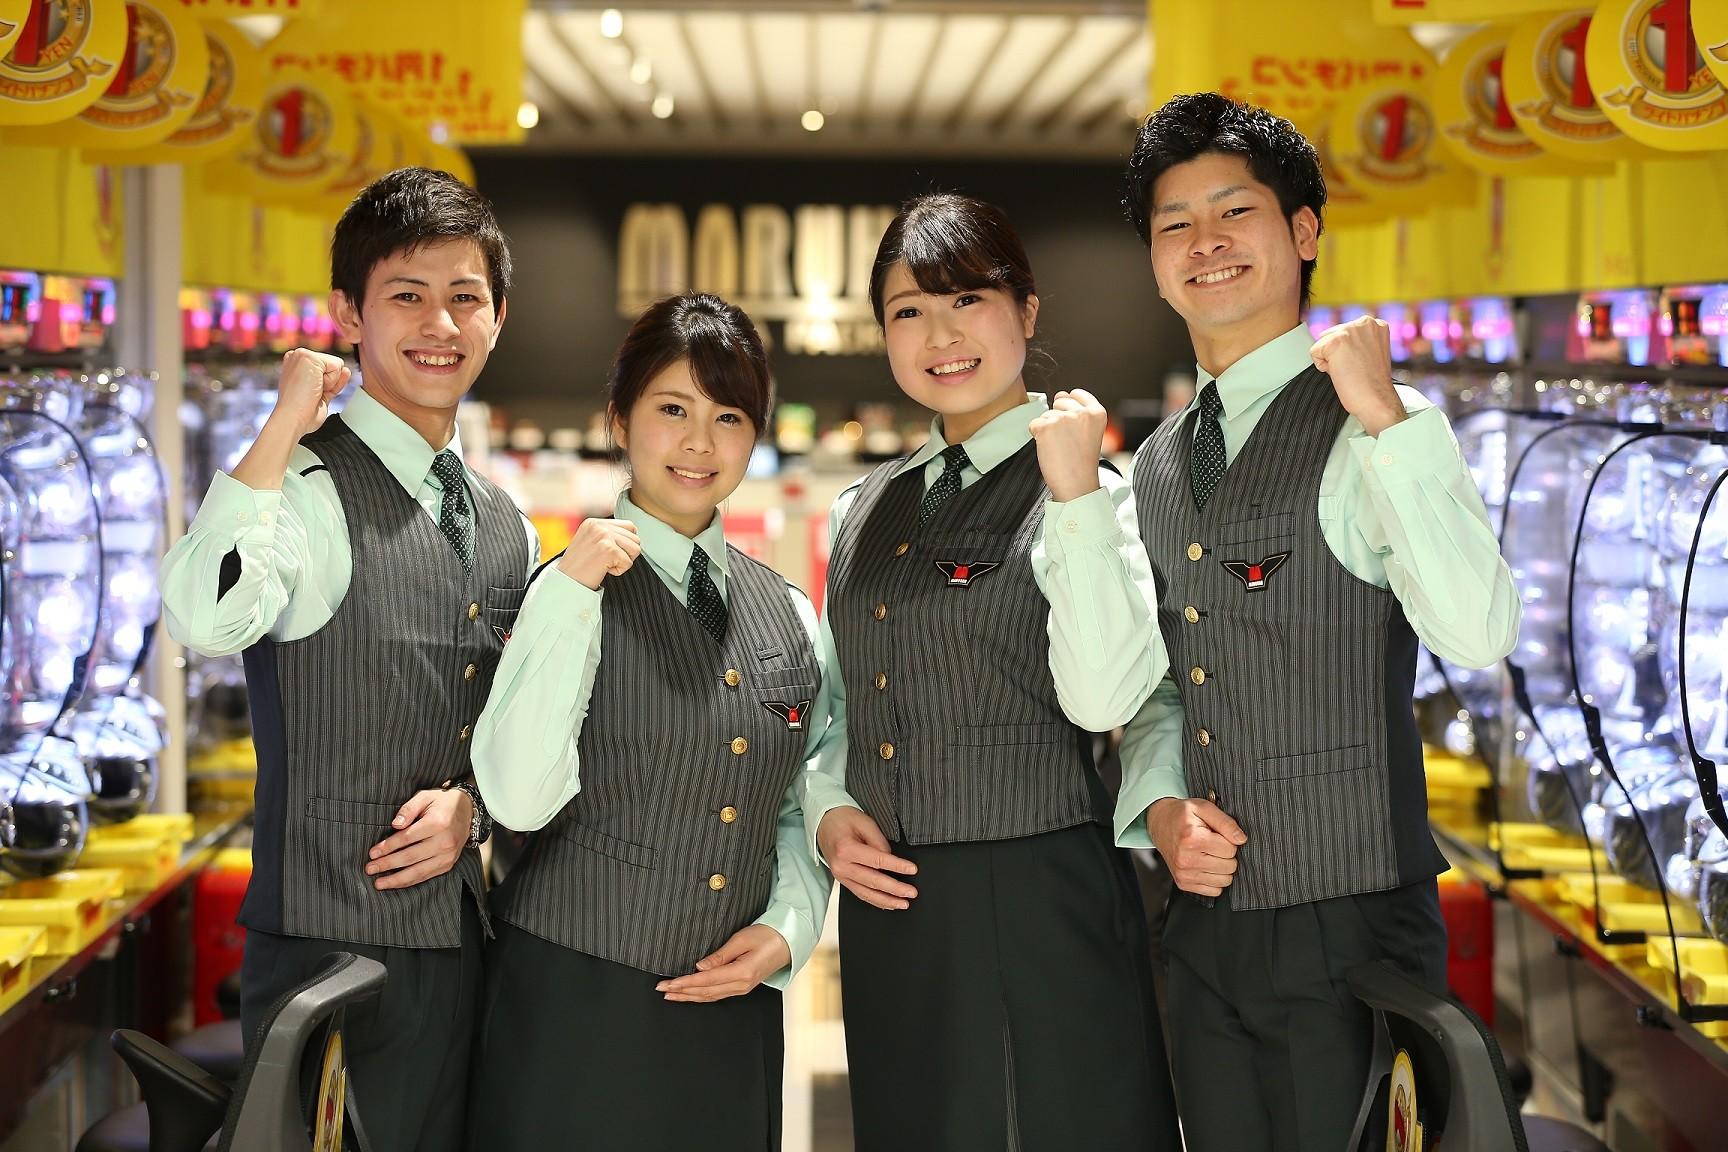 マルハン 高知一宮店[3802]のアルバイト情報